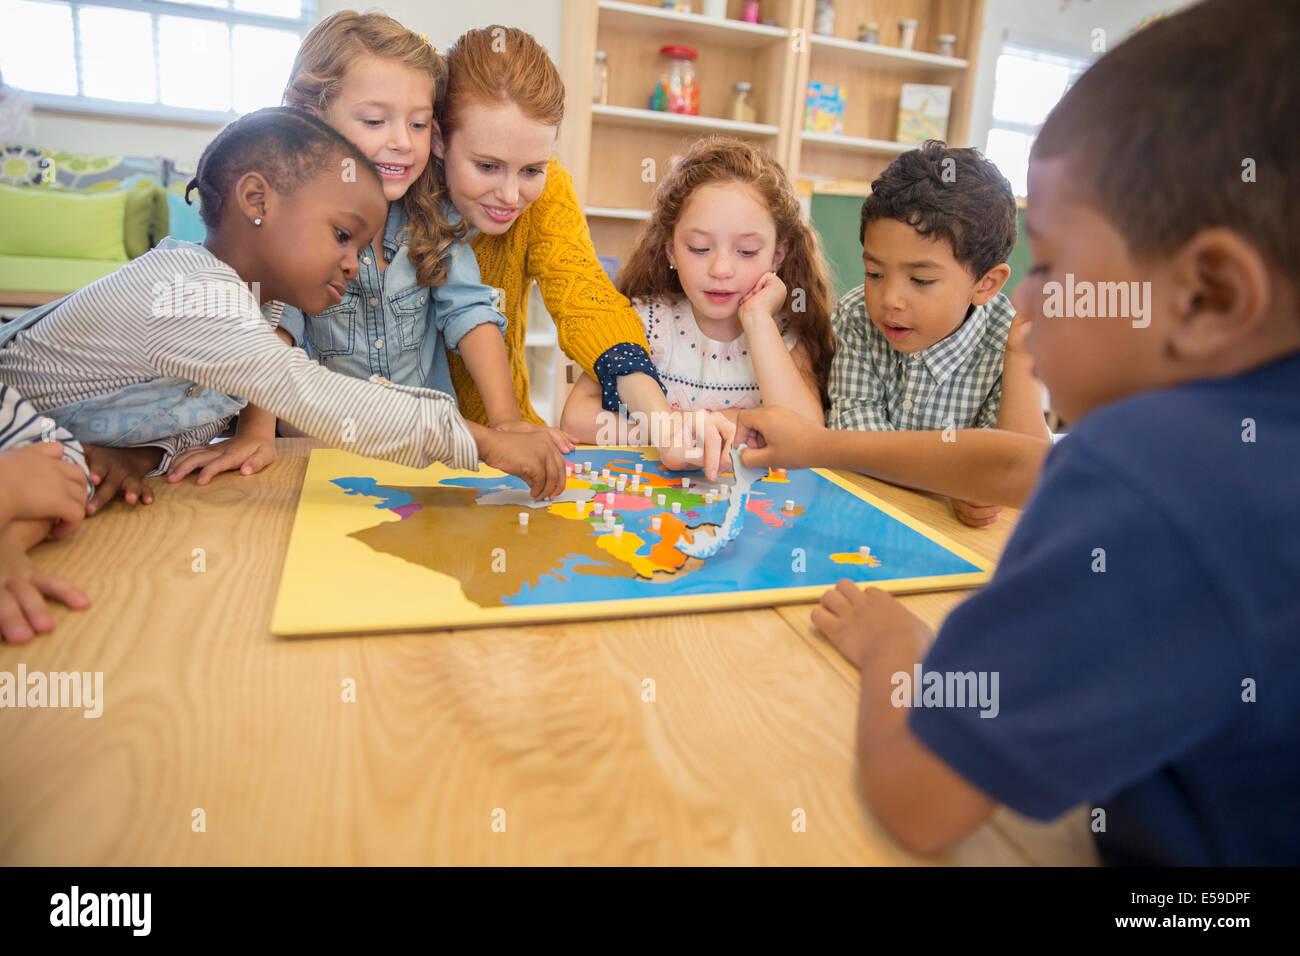 Les enfants et l'enseignant jouant dans la classe Photo Stock